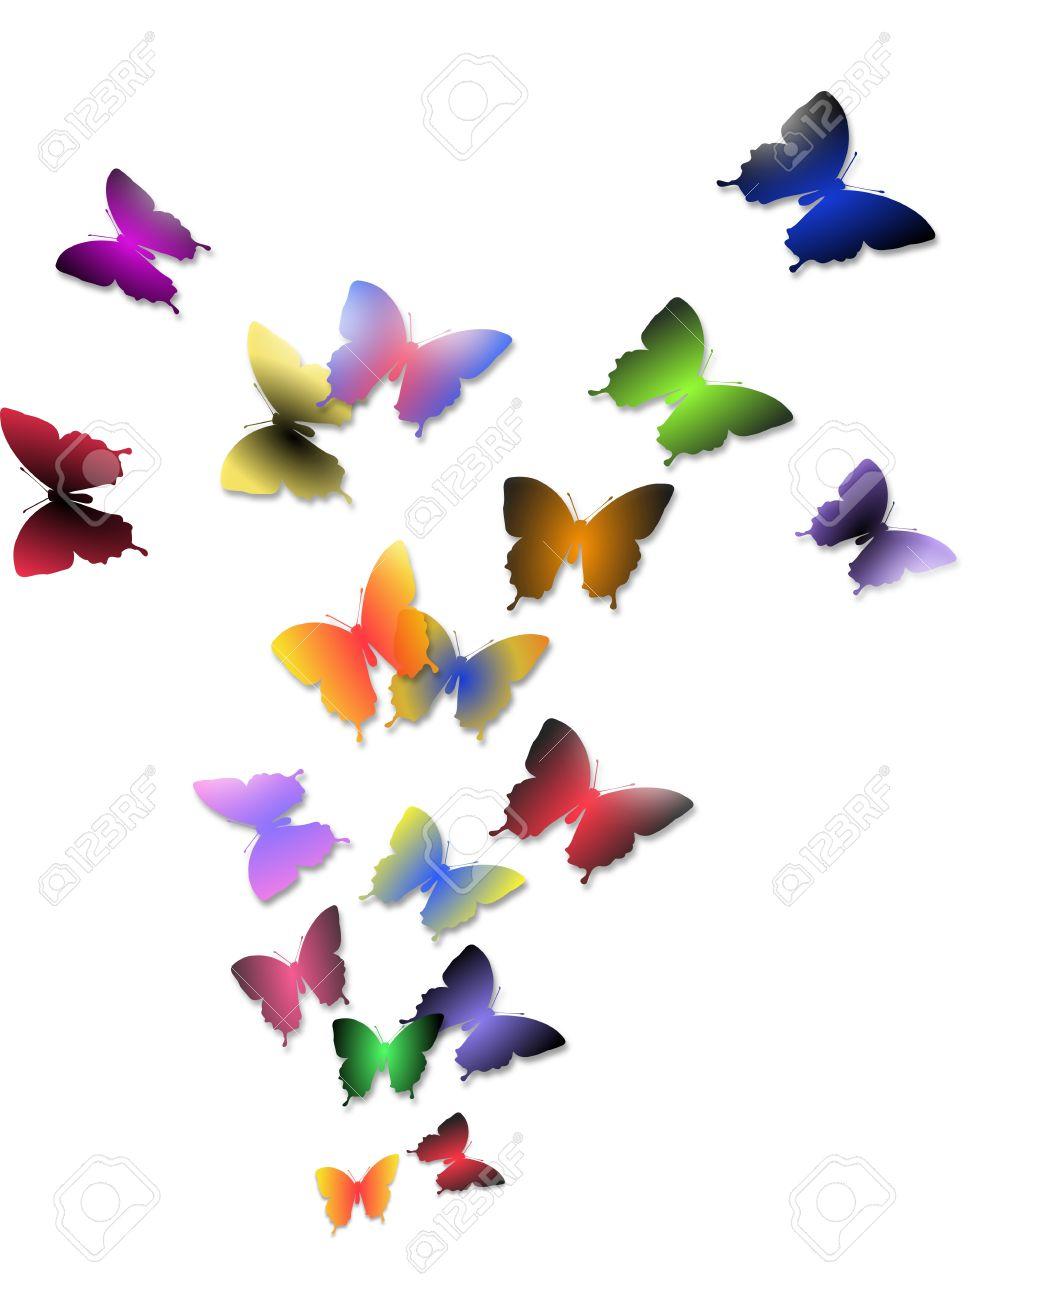 Ilustración De La Bandada De Mariposas De Colores Aislados Sobre Un ...